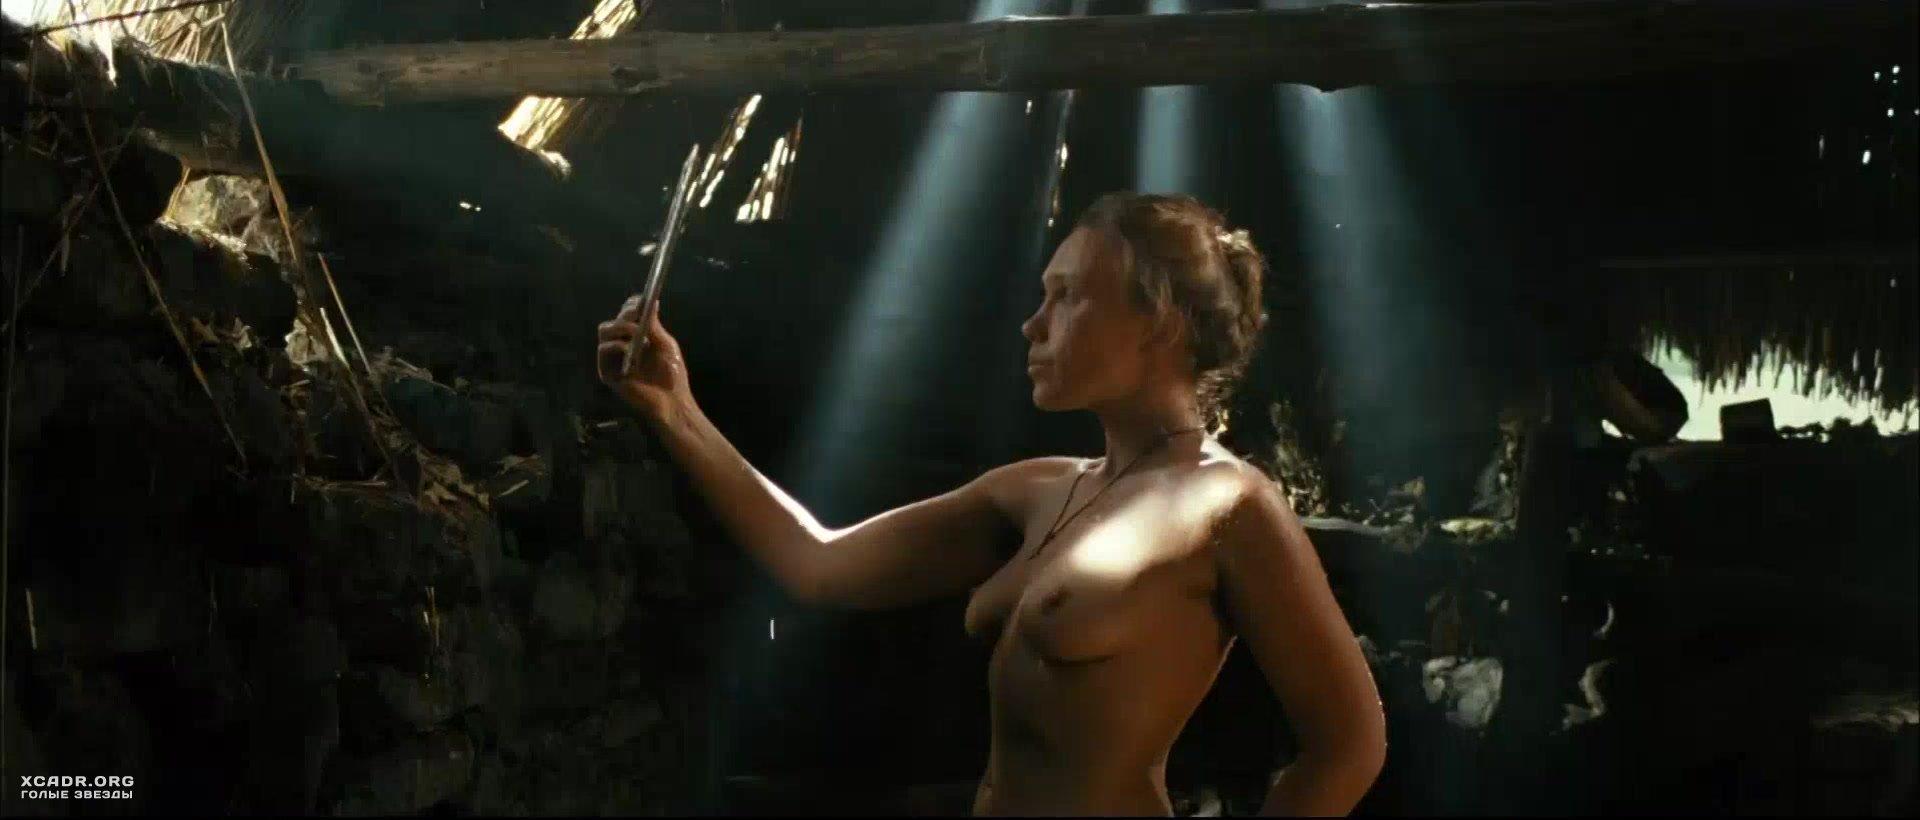 Голые женщины в кино смотреть видео вдребезги порно фильм